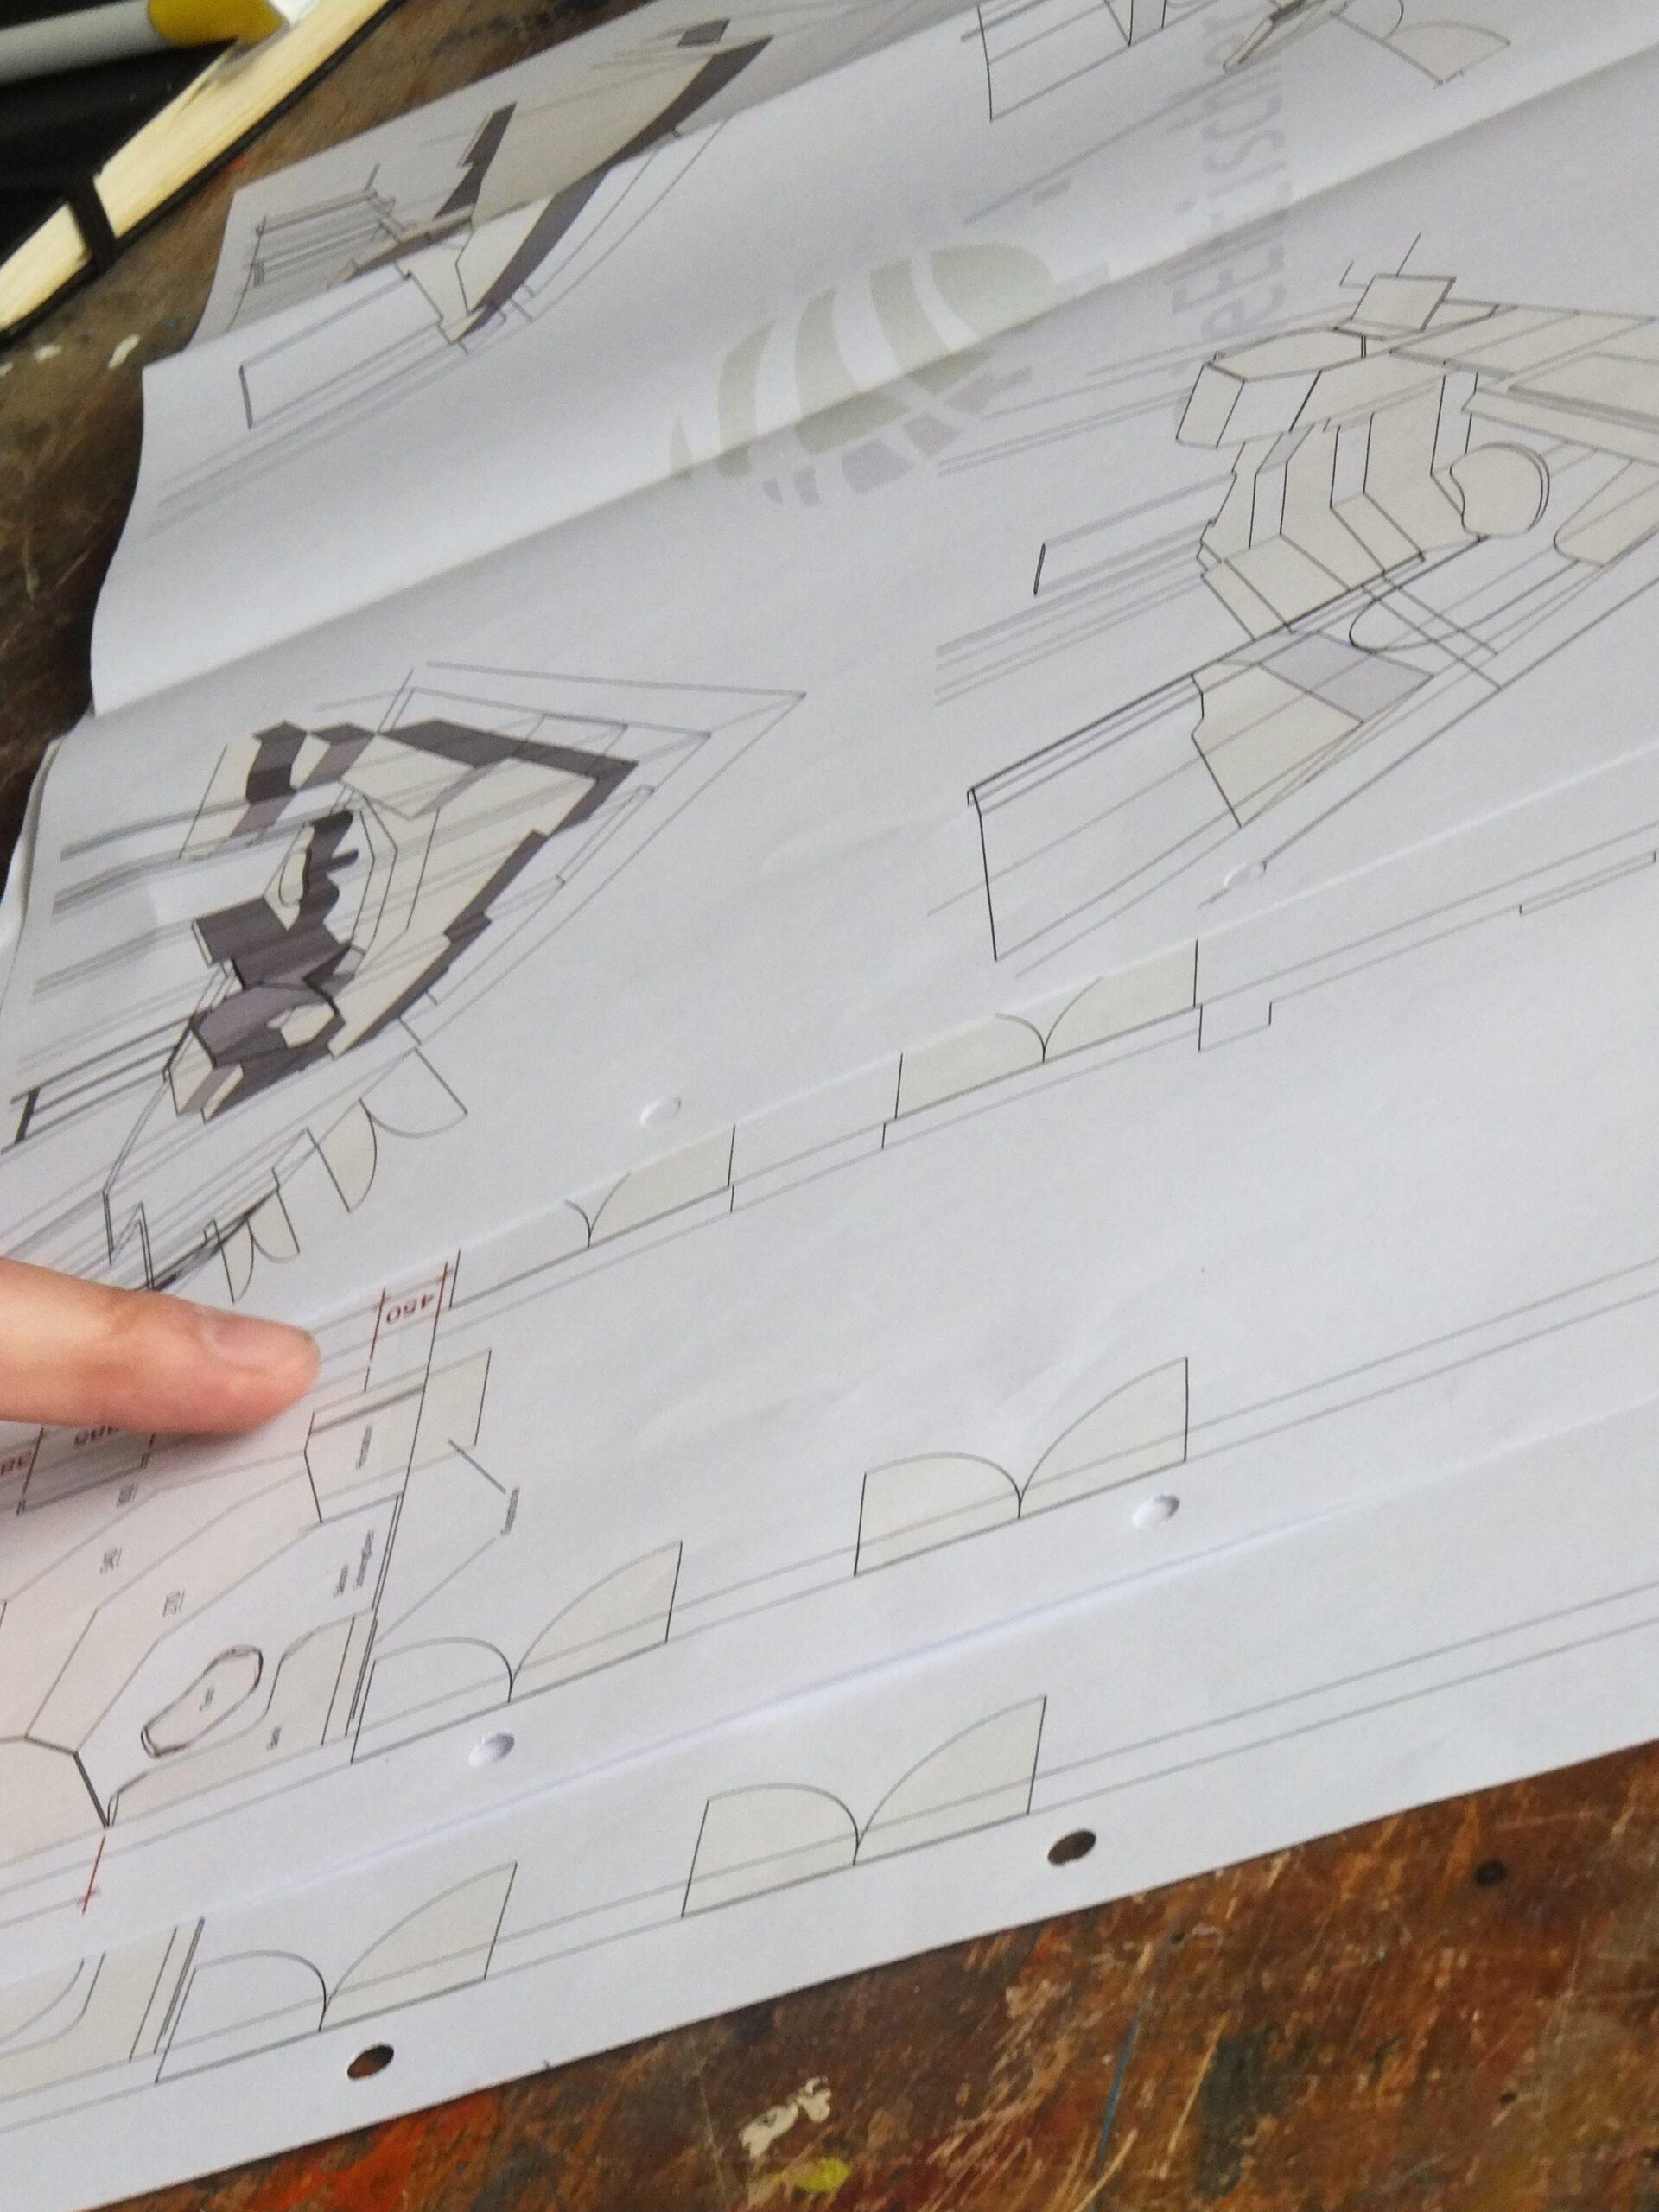 Full Size of Abtrennwand Garten Trennwand Holz Aus Einem Durchgang Und Abstellraum Wird Ein Lesegarten Wir Schaukel Holztisch Beistelltisch Lounge Sessel Eckbank Wohnzimmer Abtrennwand Garten